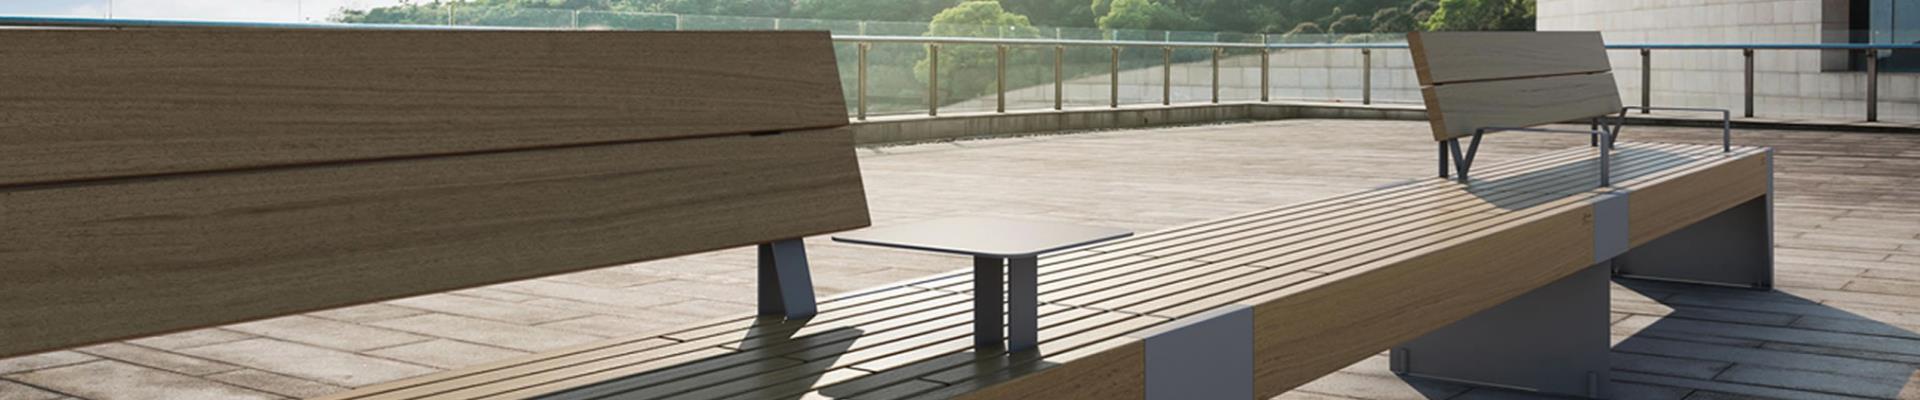 Moderno banco metálico y de madera de alta calidad.